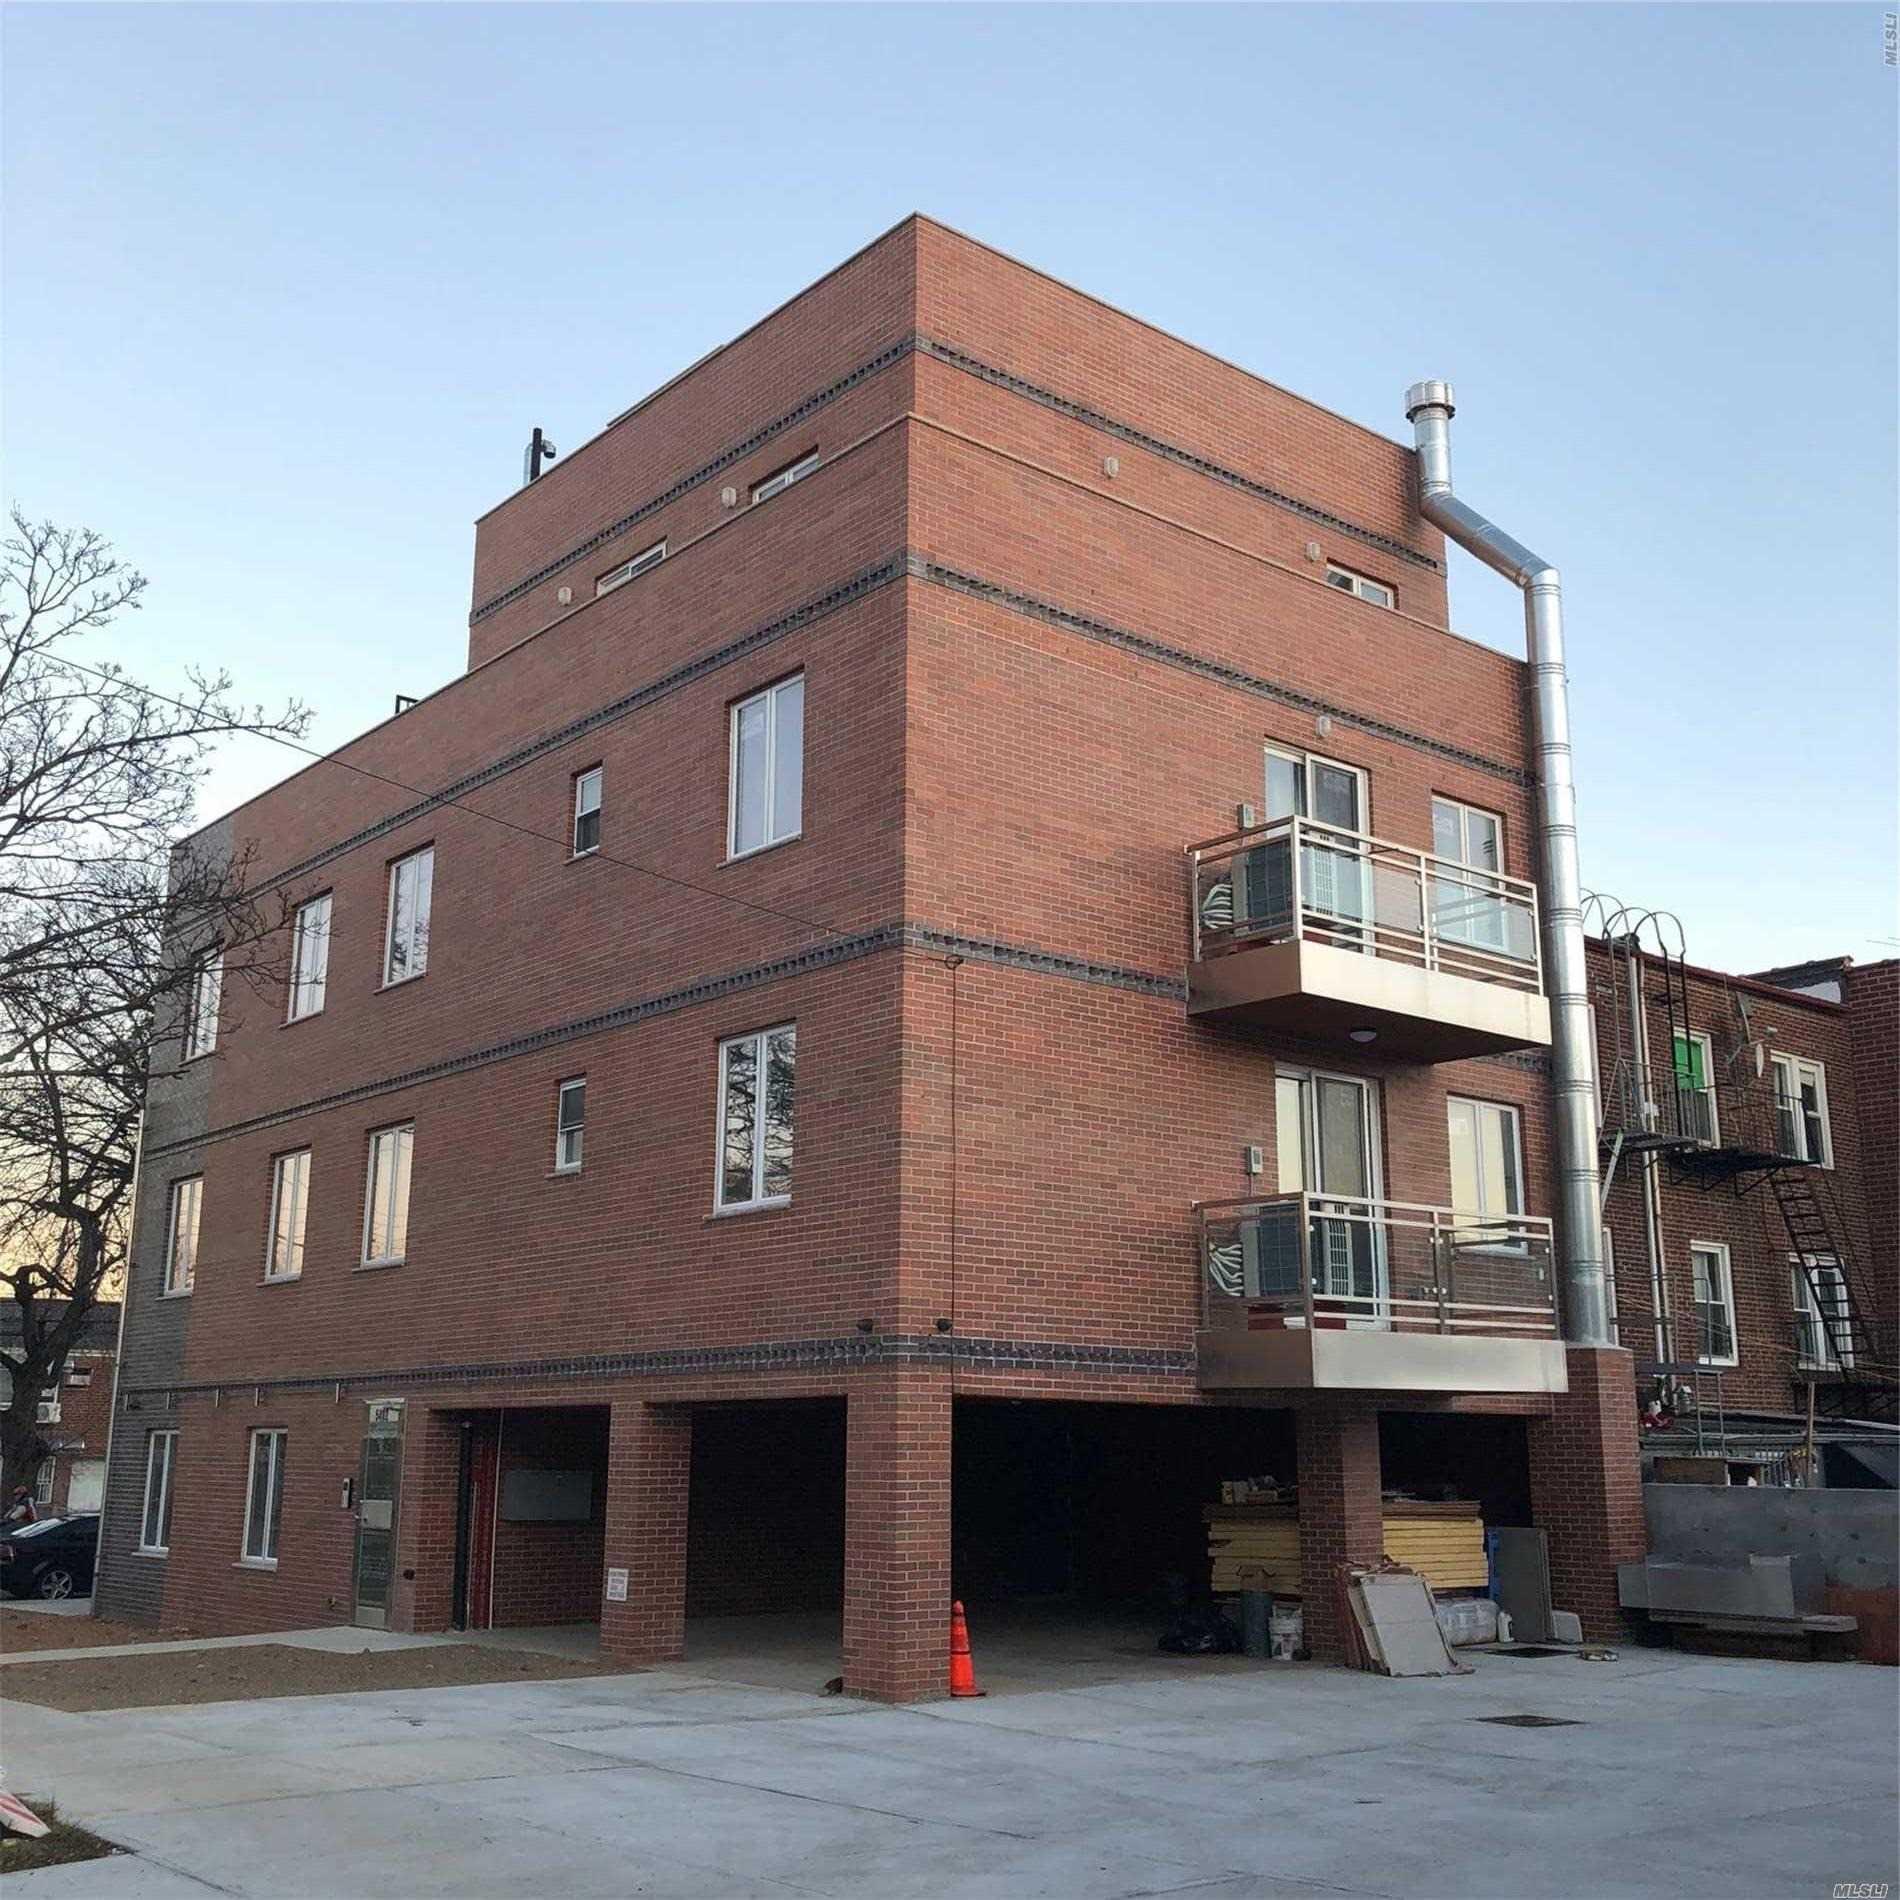 54-02 Junction Blvd, 4 - Elmhurst, New York